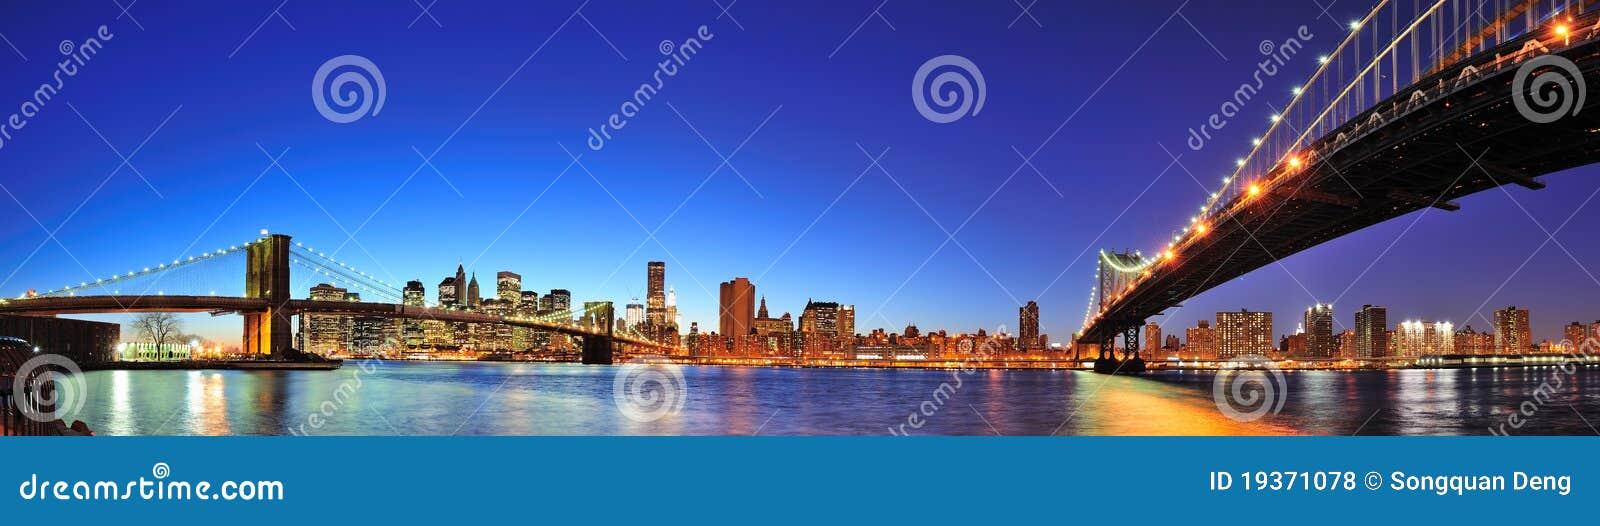 Panorama de New York City Manhattan no crepúsculo